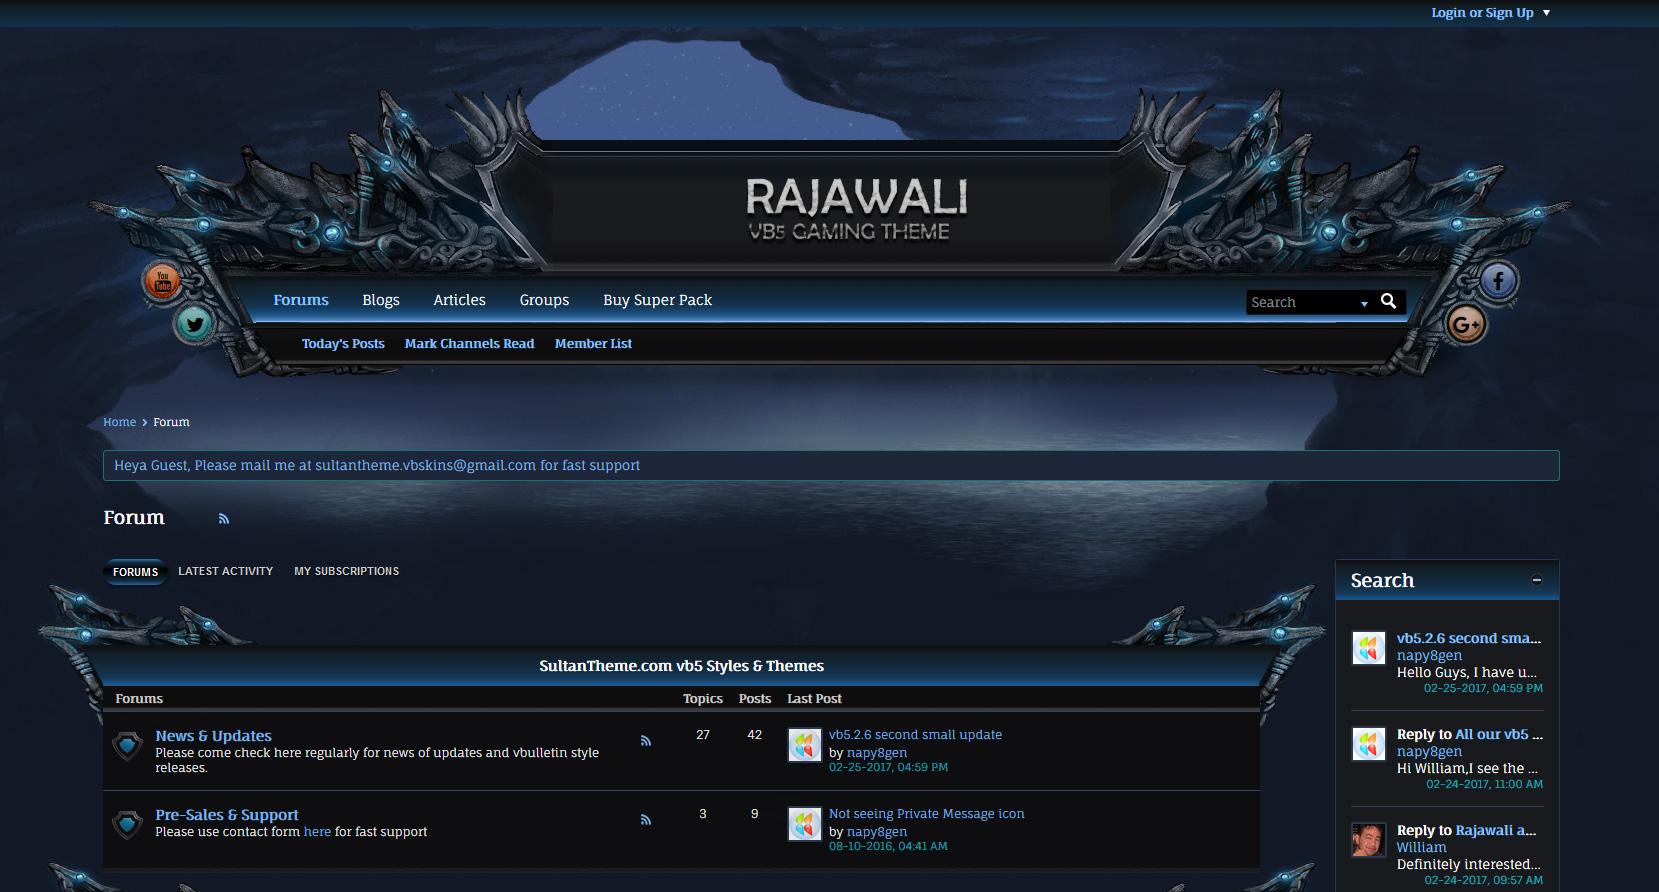 rajawali - Rajawali important update